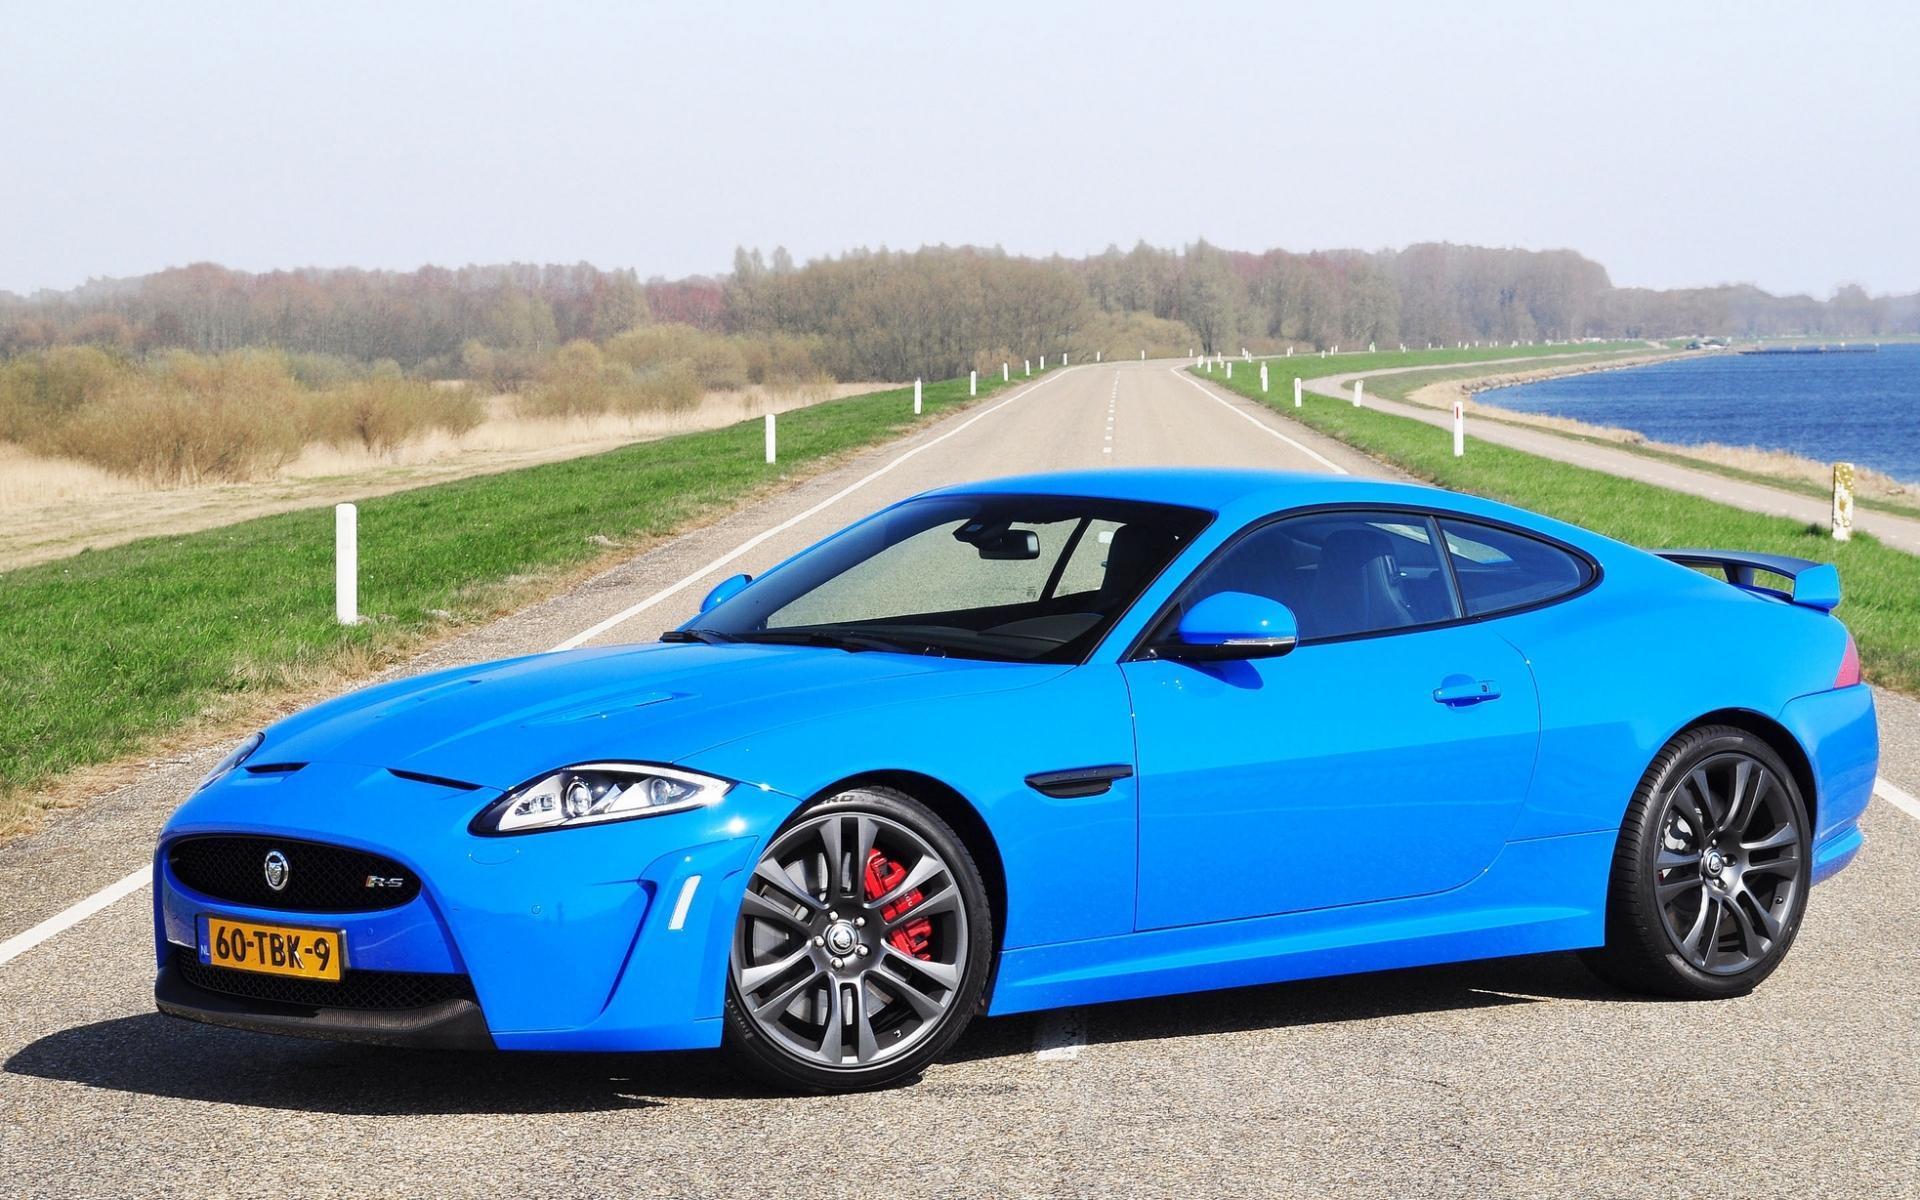 蓝色酷炫豪华跑车高清图片桌面壁纸